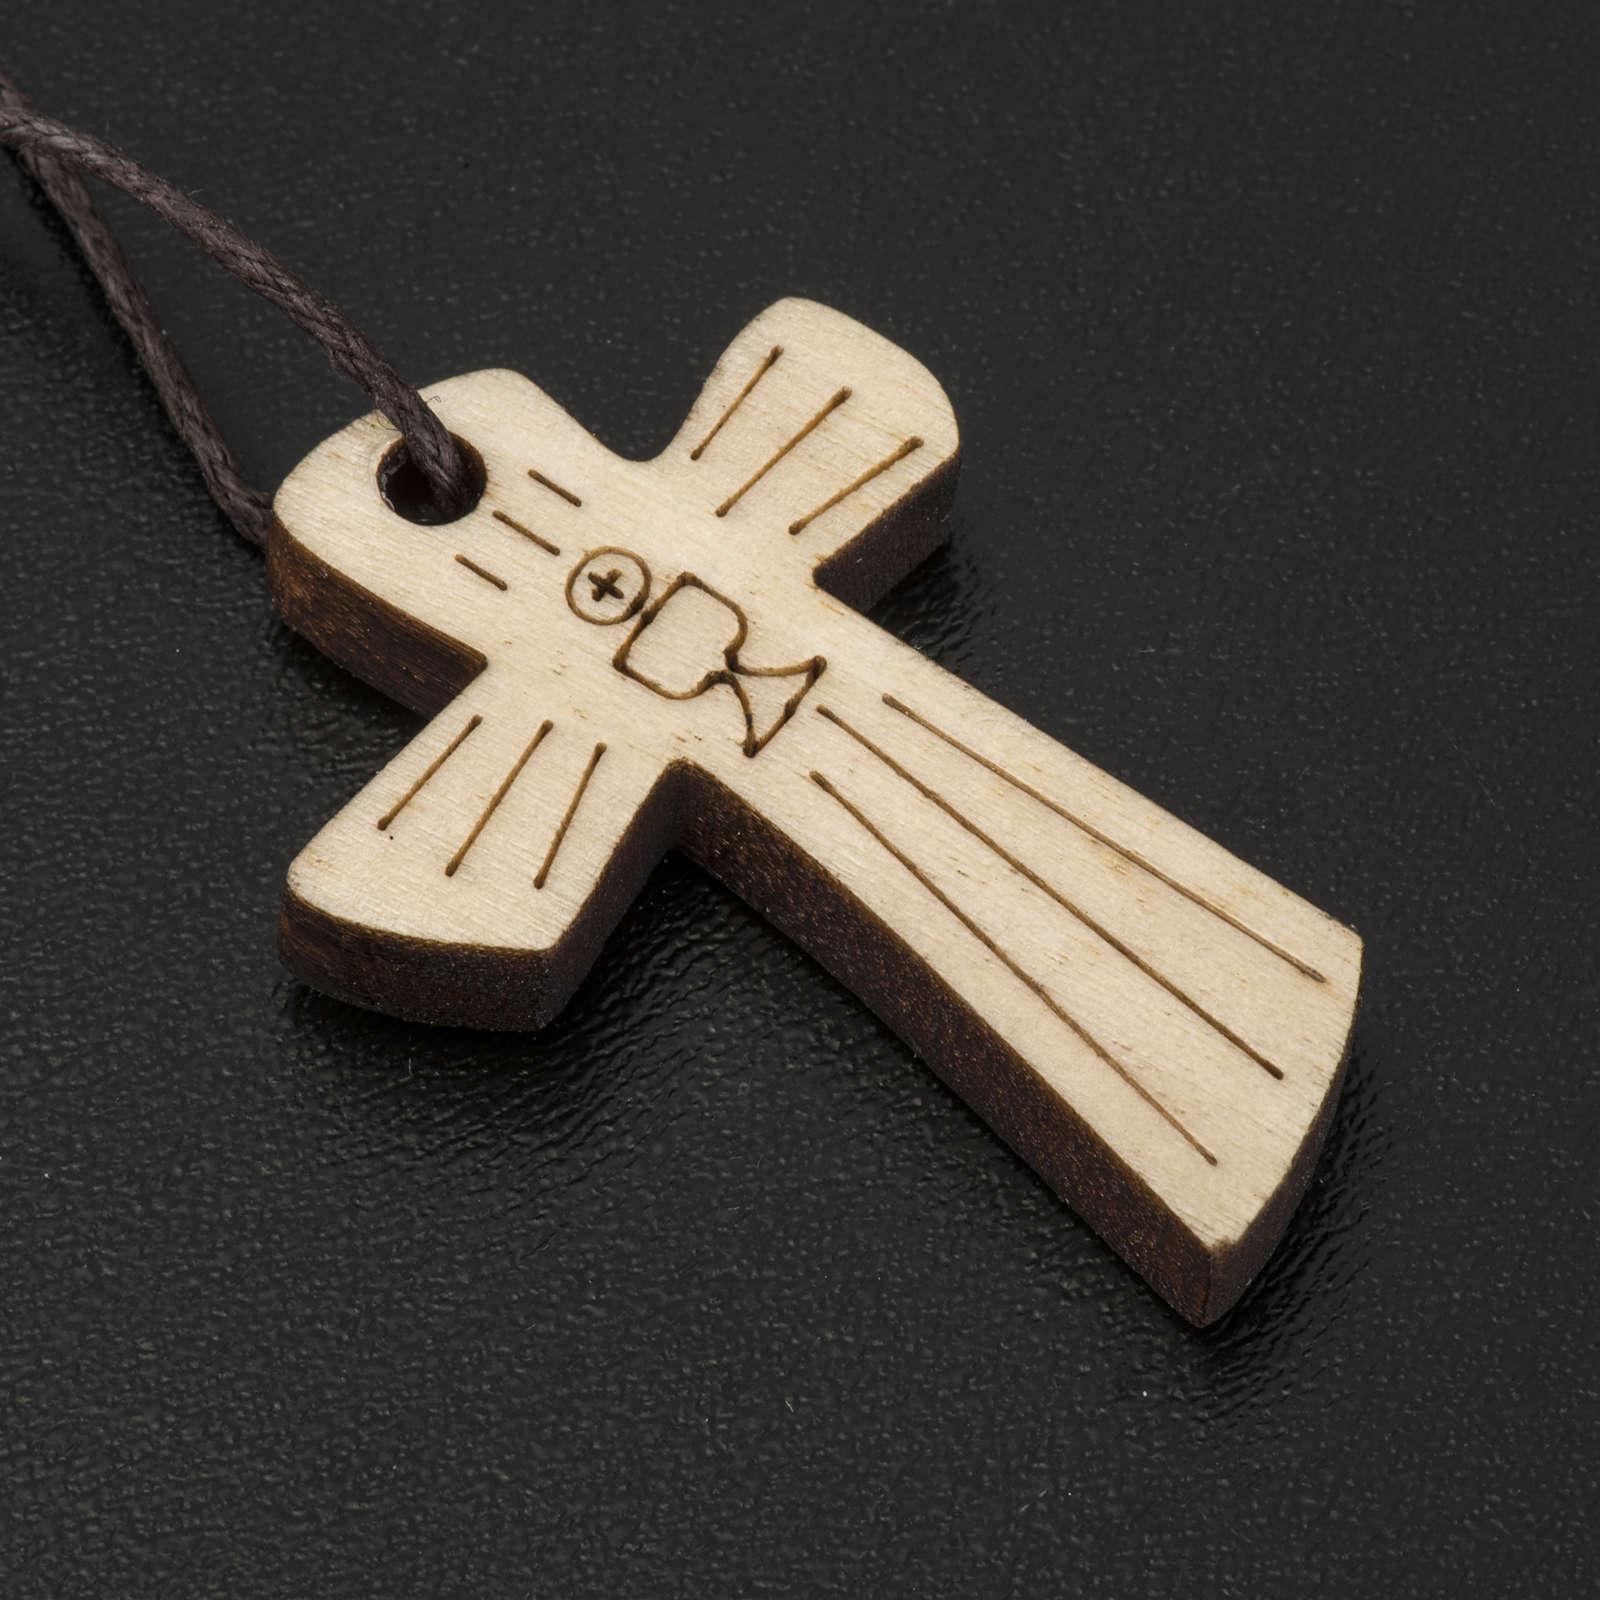 Croce Prima Comunione legno calice ostia 4,1x2,7cm 4